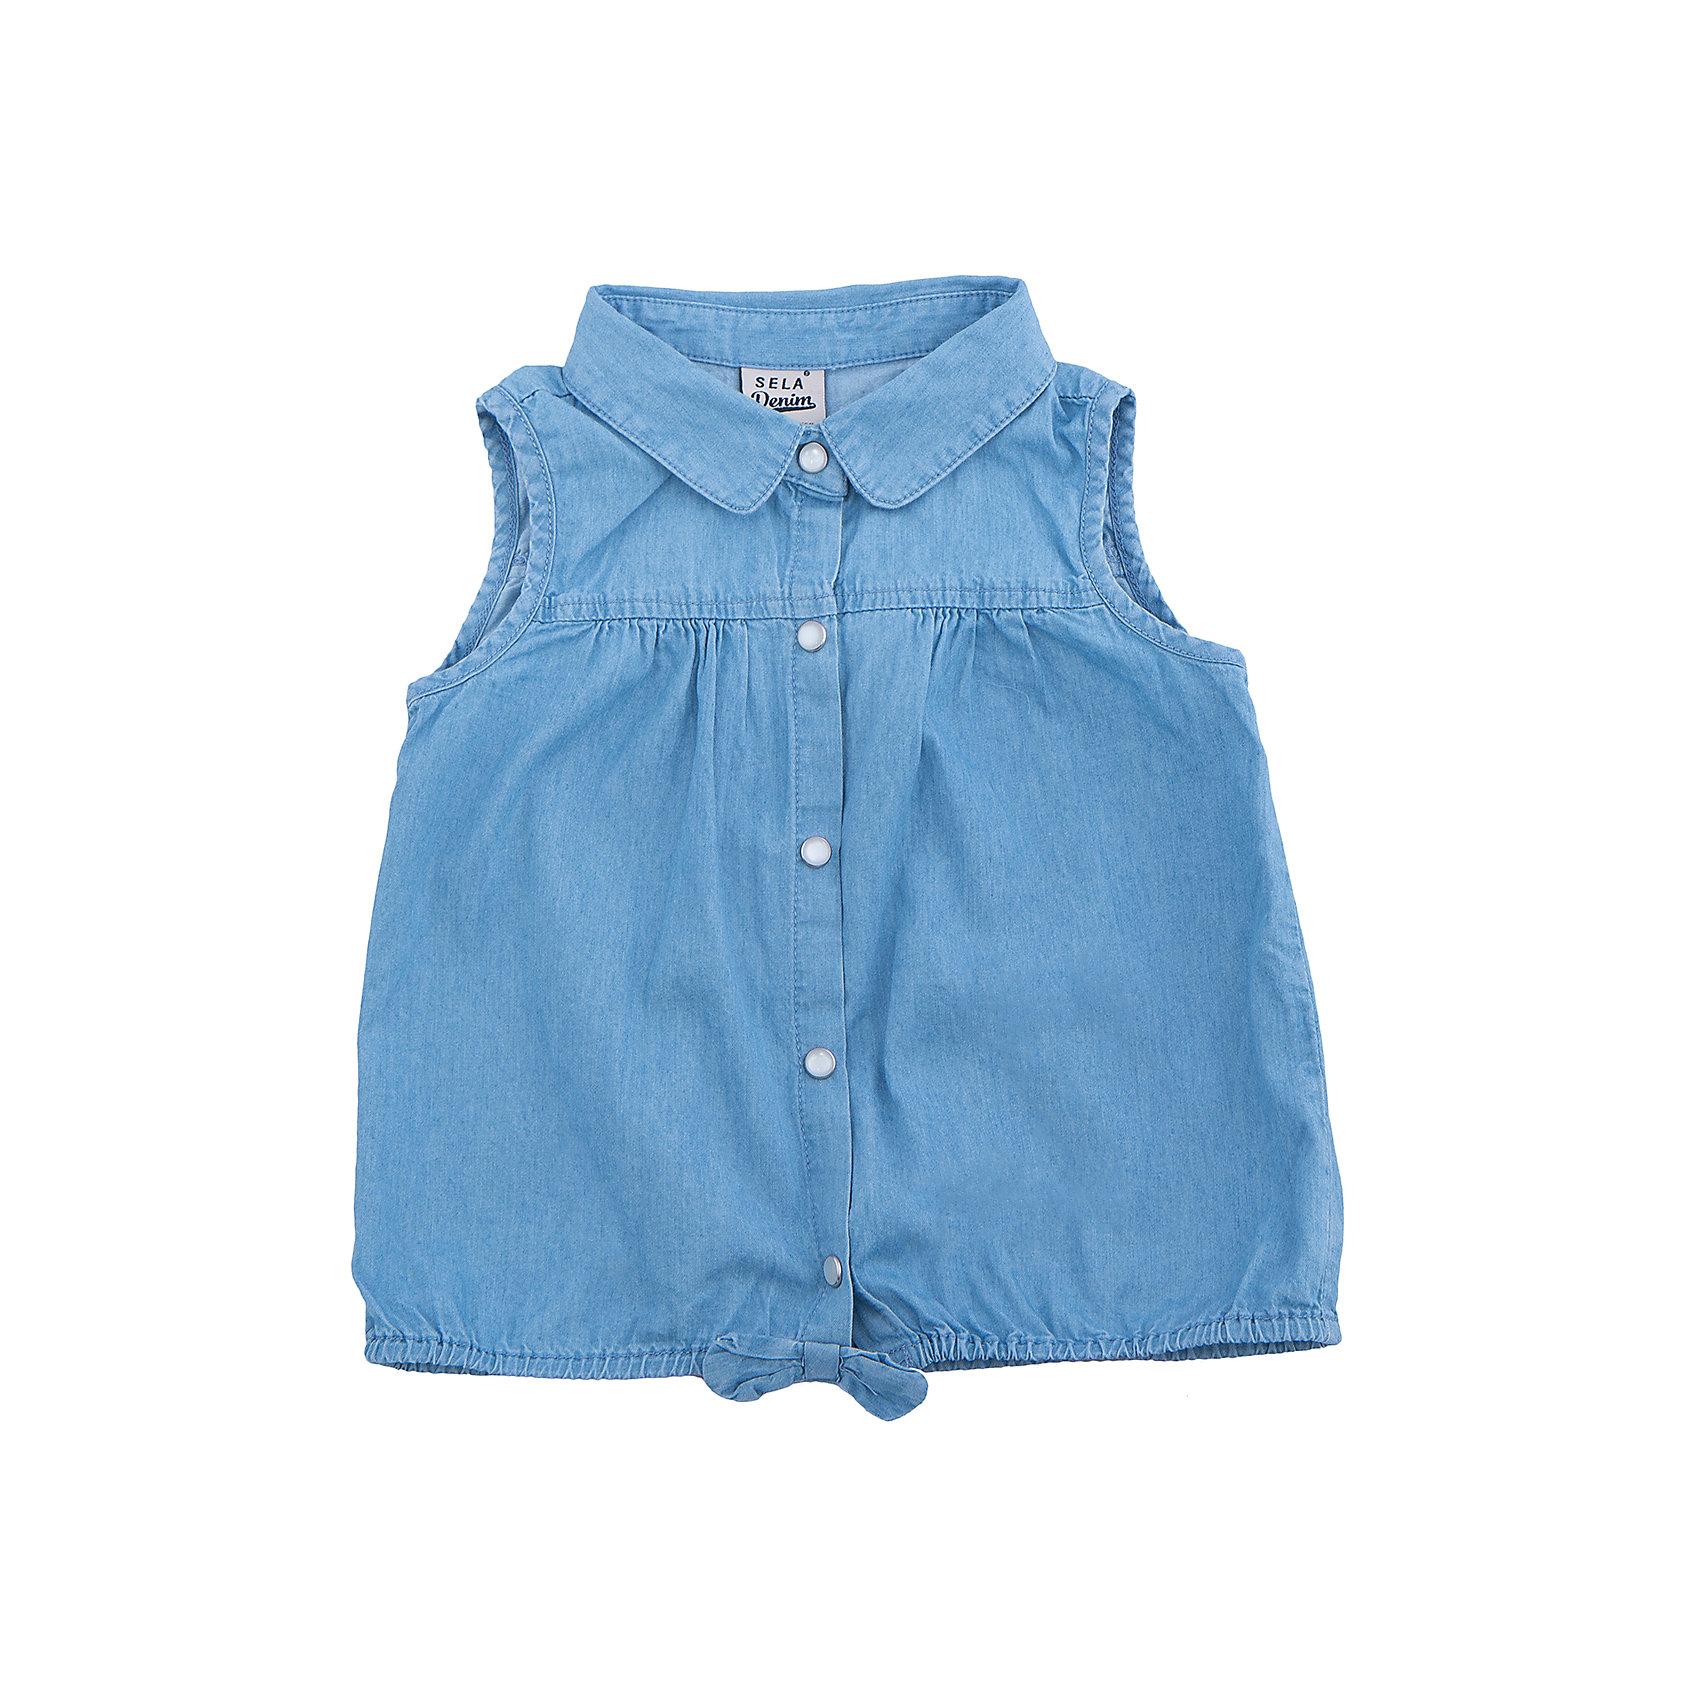 Блузка джинсовая для девочки SELAДжинсовая одежда<br>Характеристики товара:<br><br>• цвет: голубой<br>• сезон: лето<br>• состав:  100% хлопок<br>• застежки-кнопки<br>• комфортная посадка<br>• без рукавов<br>• отложной воротник<br>• страна бренда: Россия<br><br>Вещи из новой коллекции SELA продолжают радовать удобством! Эта блузка для девочки поможет разнообразить гардероб ребенка и обеспечить комфорт.<br><br>Одежда, обувь и аксессуары от российского бренда SELA не зря пользуются большой популярностью у детей и взрослых! Модели этой марки - стильные и удобные, цена при этом неизменно остается доступной. Для их производства используются только безопасные, качественные материалы и фурнитура. <br><br>Блузку для девочки от популярного бренда SELA (СЕЛА) можно купить в нашем интернет-магазине.<br><br>Ширина мм: 186<br>Глубина мм: 87<br>Высота мм: 198<br>Вес г: 197<br>Цвет: голубой<br>Возраст от месяцев: 24<br>Возраст до месяцев: 36<br>Пол: Женский<br>Возраст: Детский<br>Размер: 98,116,92,104,110<br>SKU: 5305015